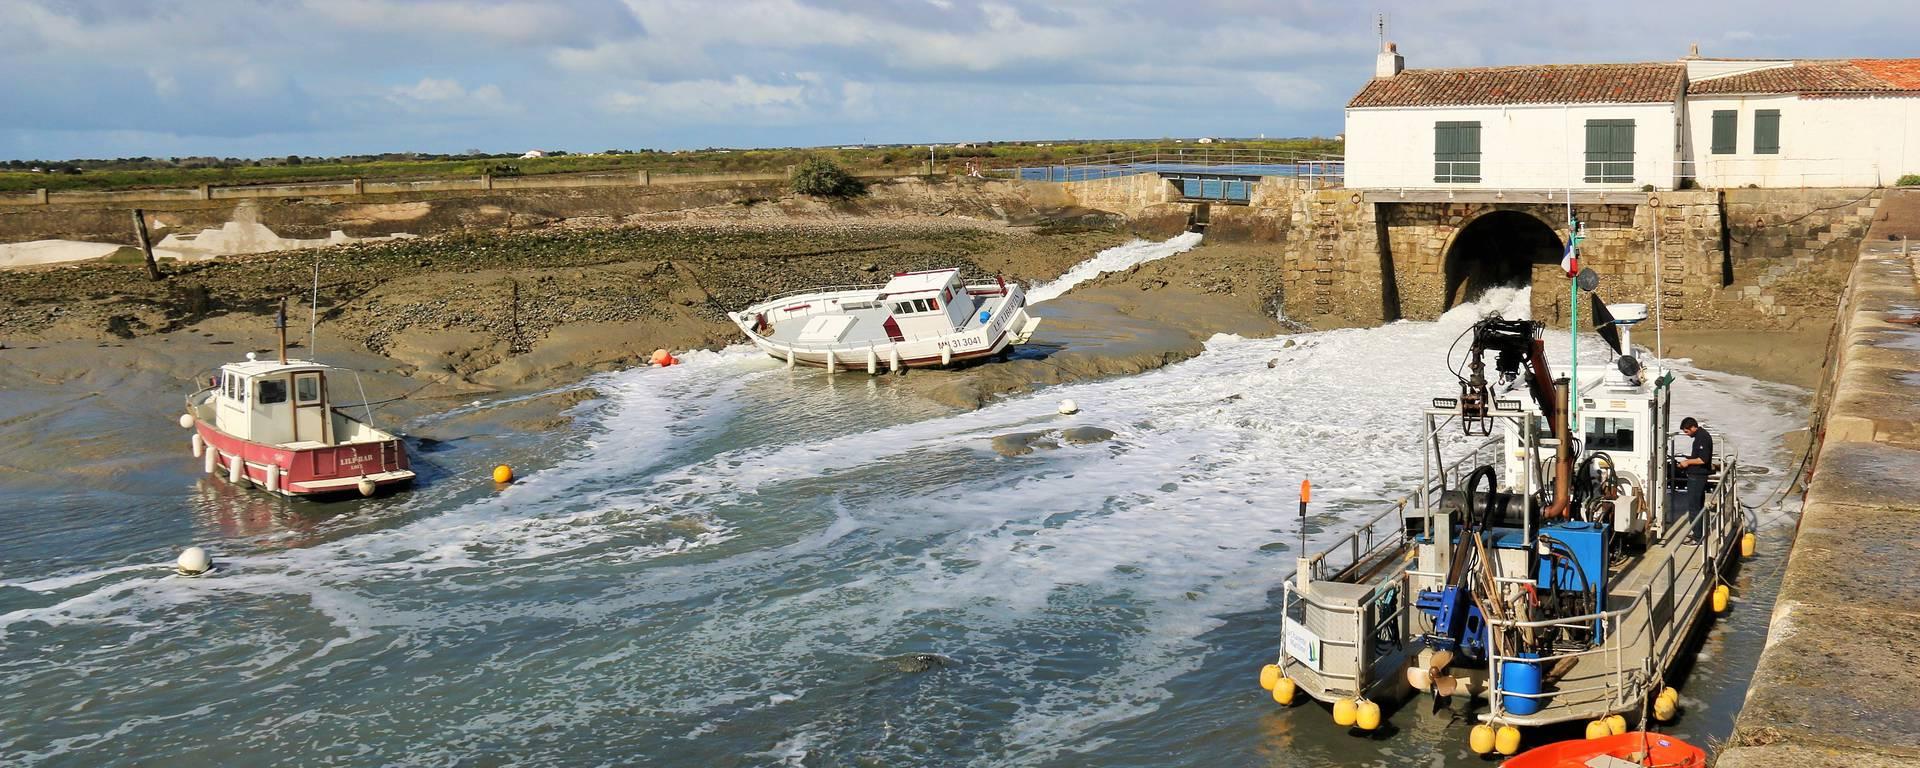 Port de Loix, Ile de Ré PAR Lesley Williamson